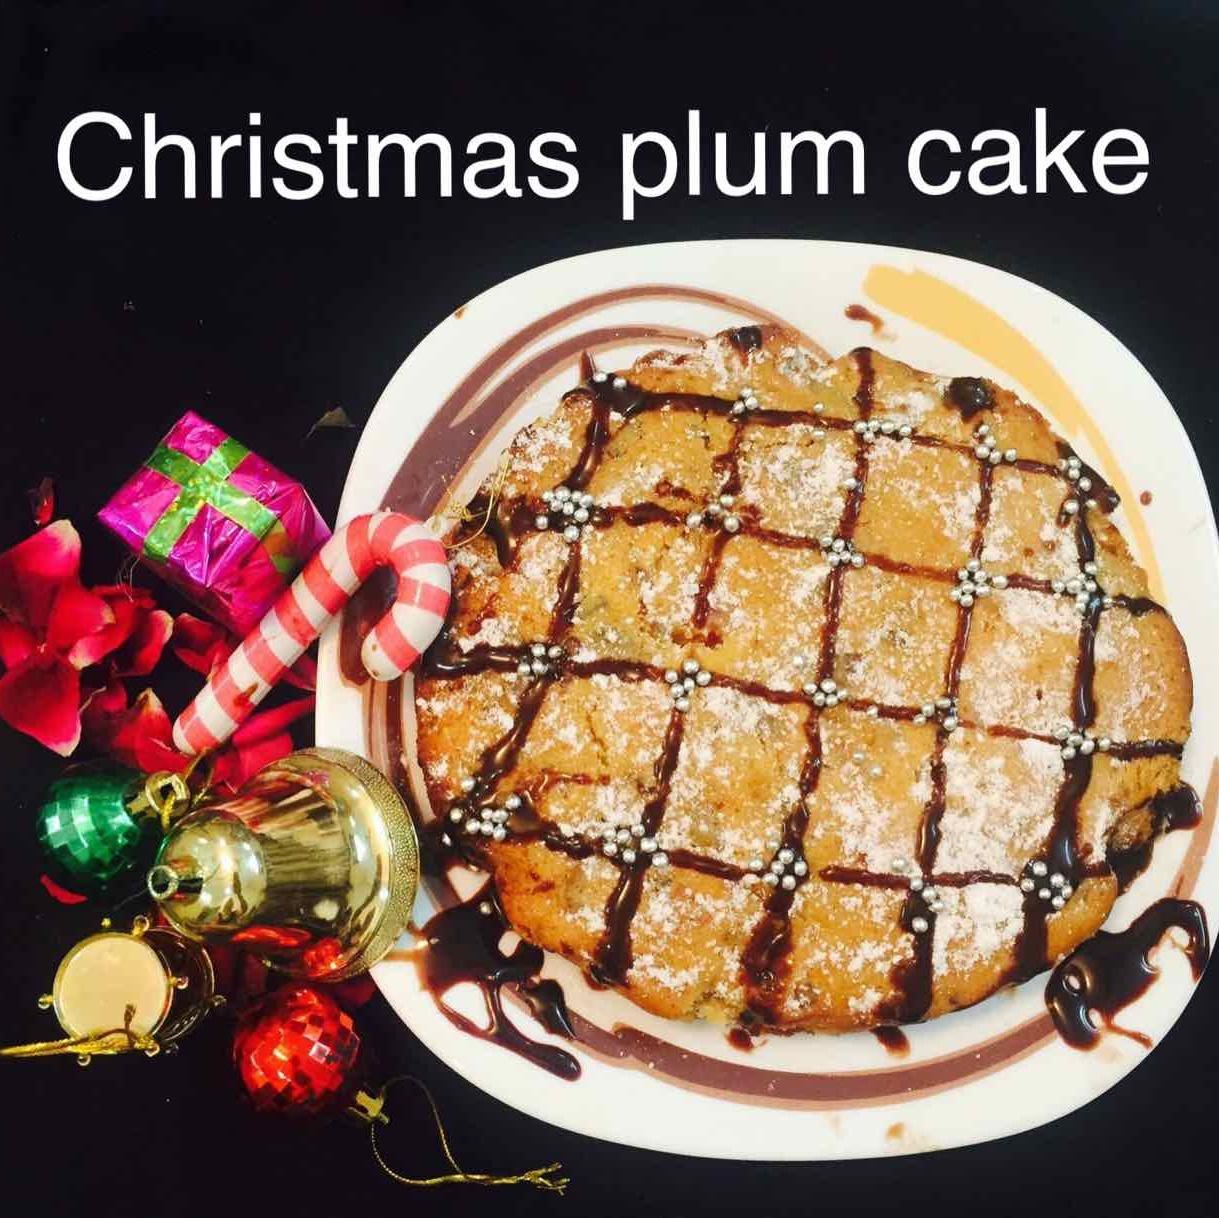 How to make Christmas plum cake